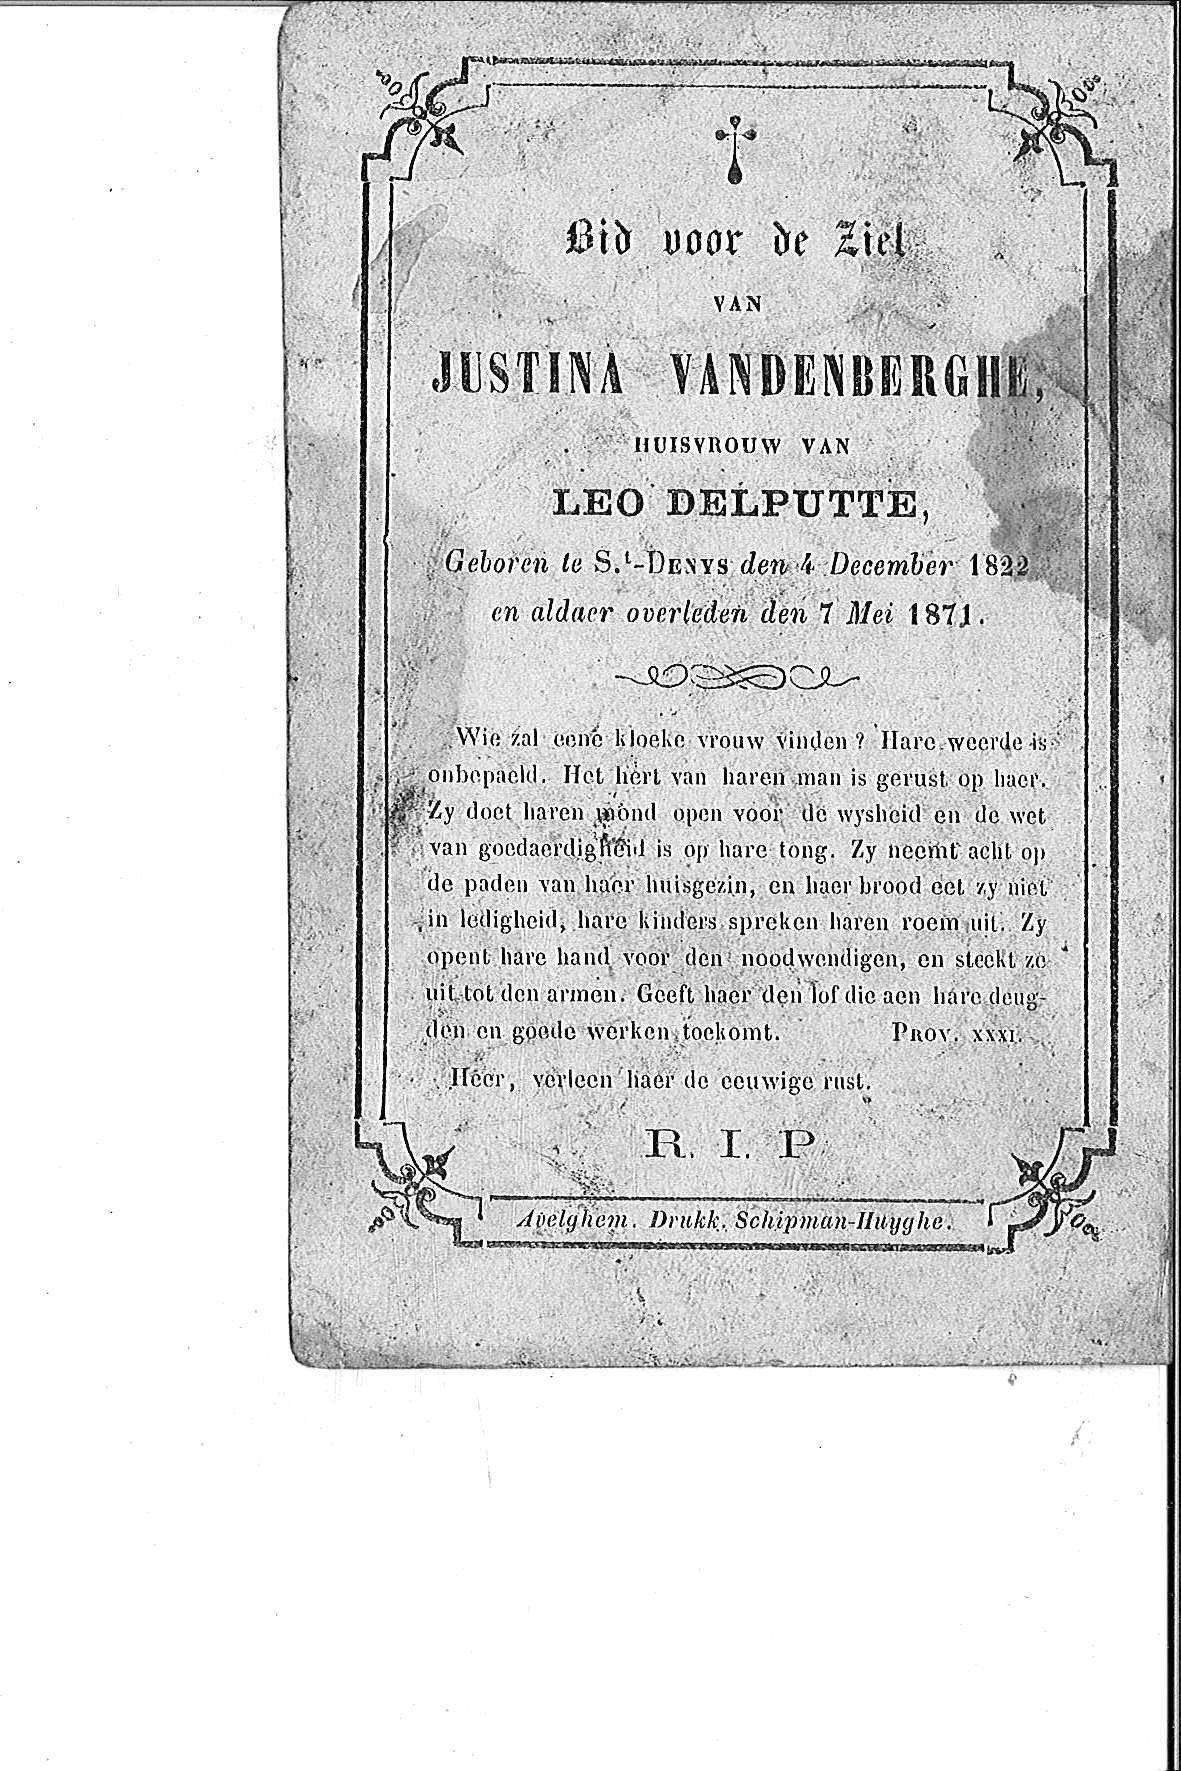 Justina(1871)20150805160844_00071.jpg